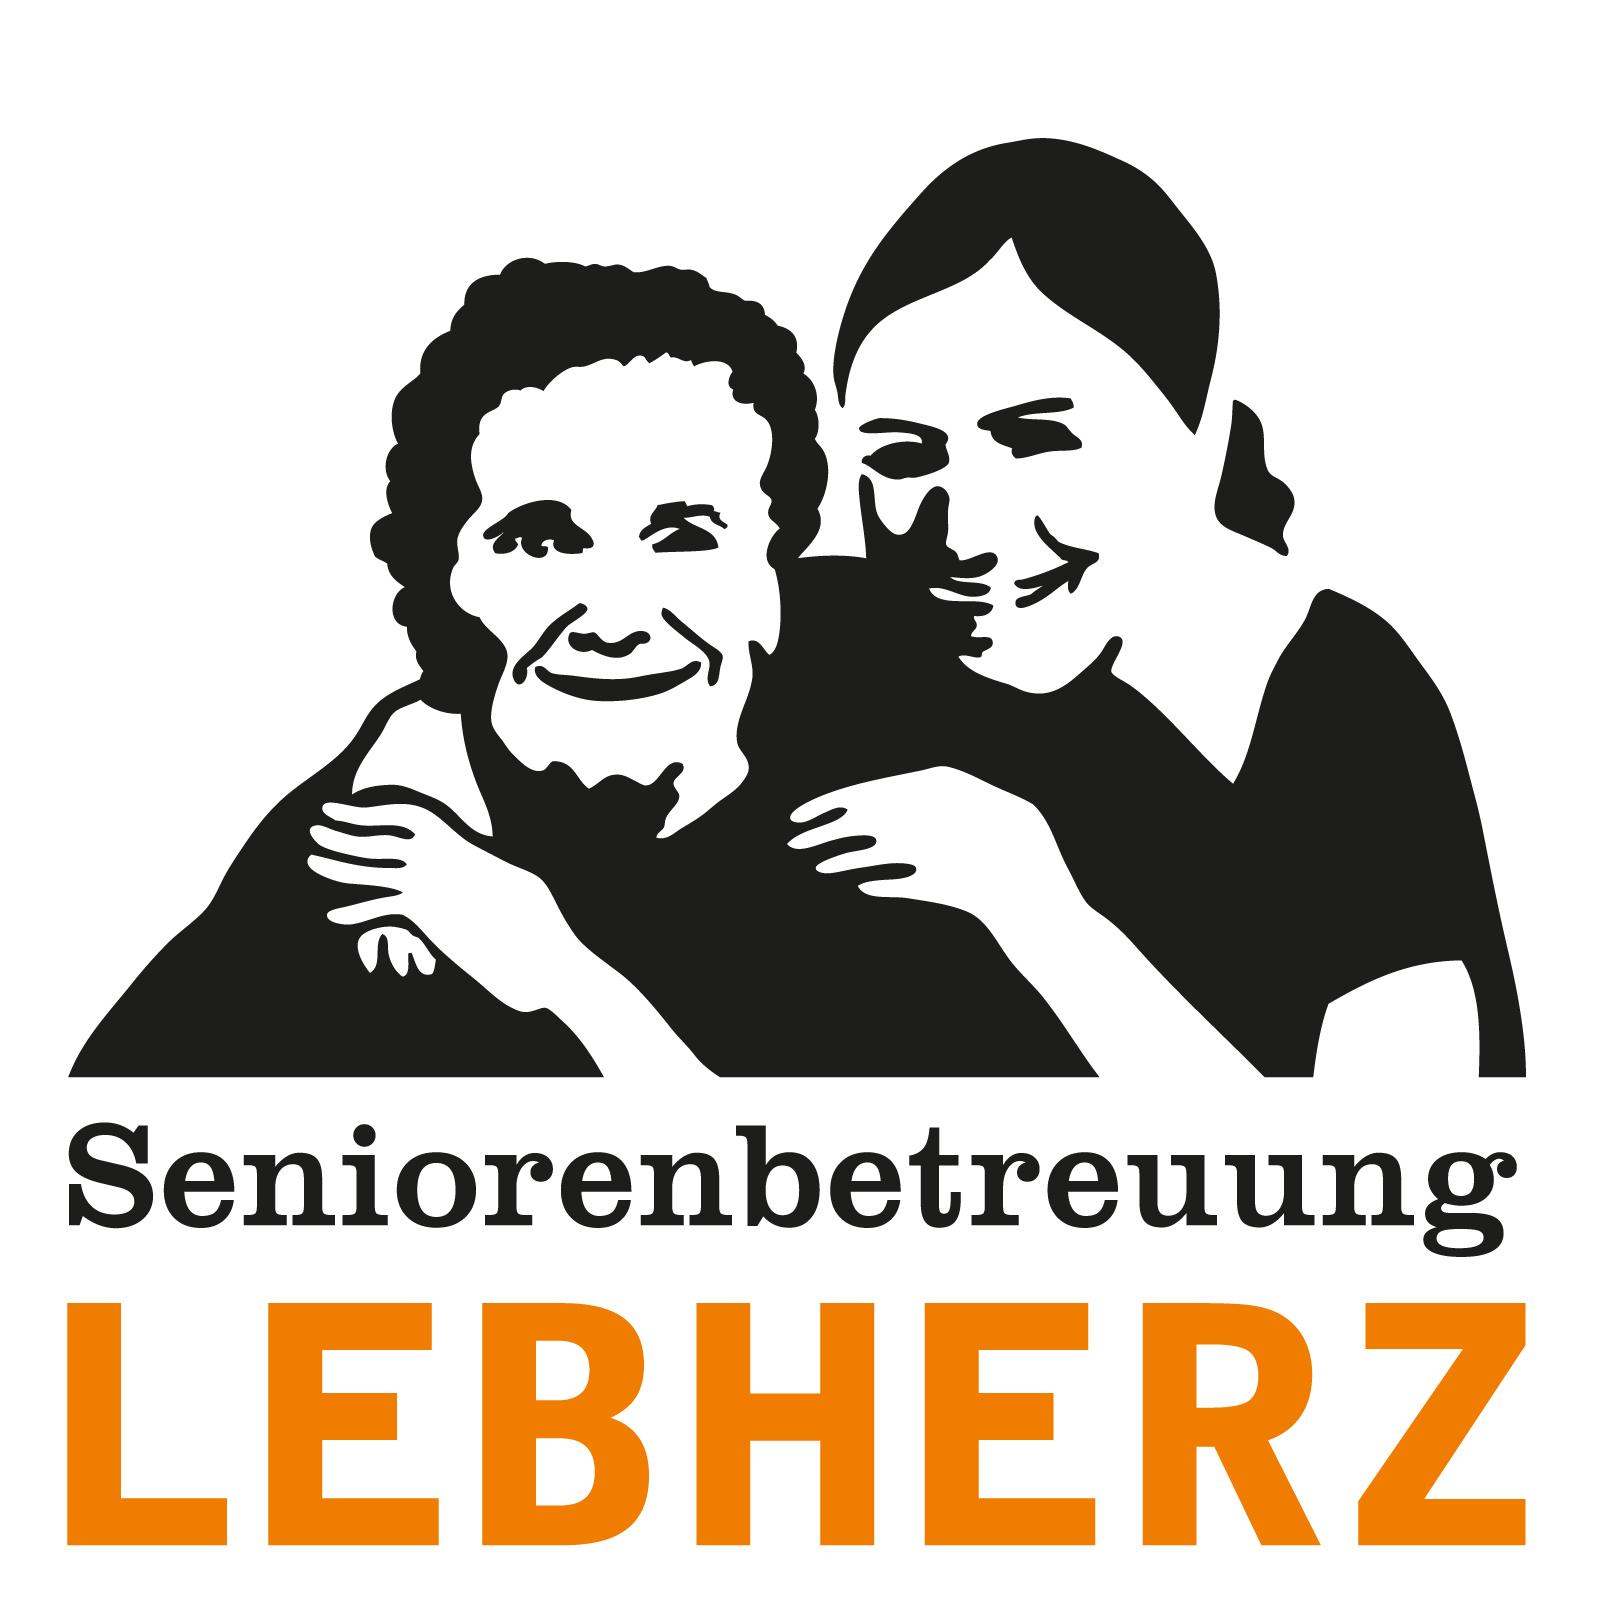 Seniorenbetreuung Lebherz